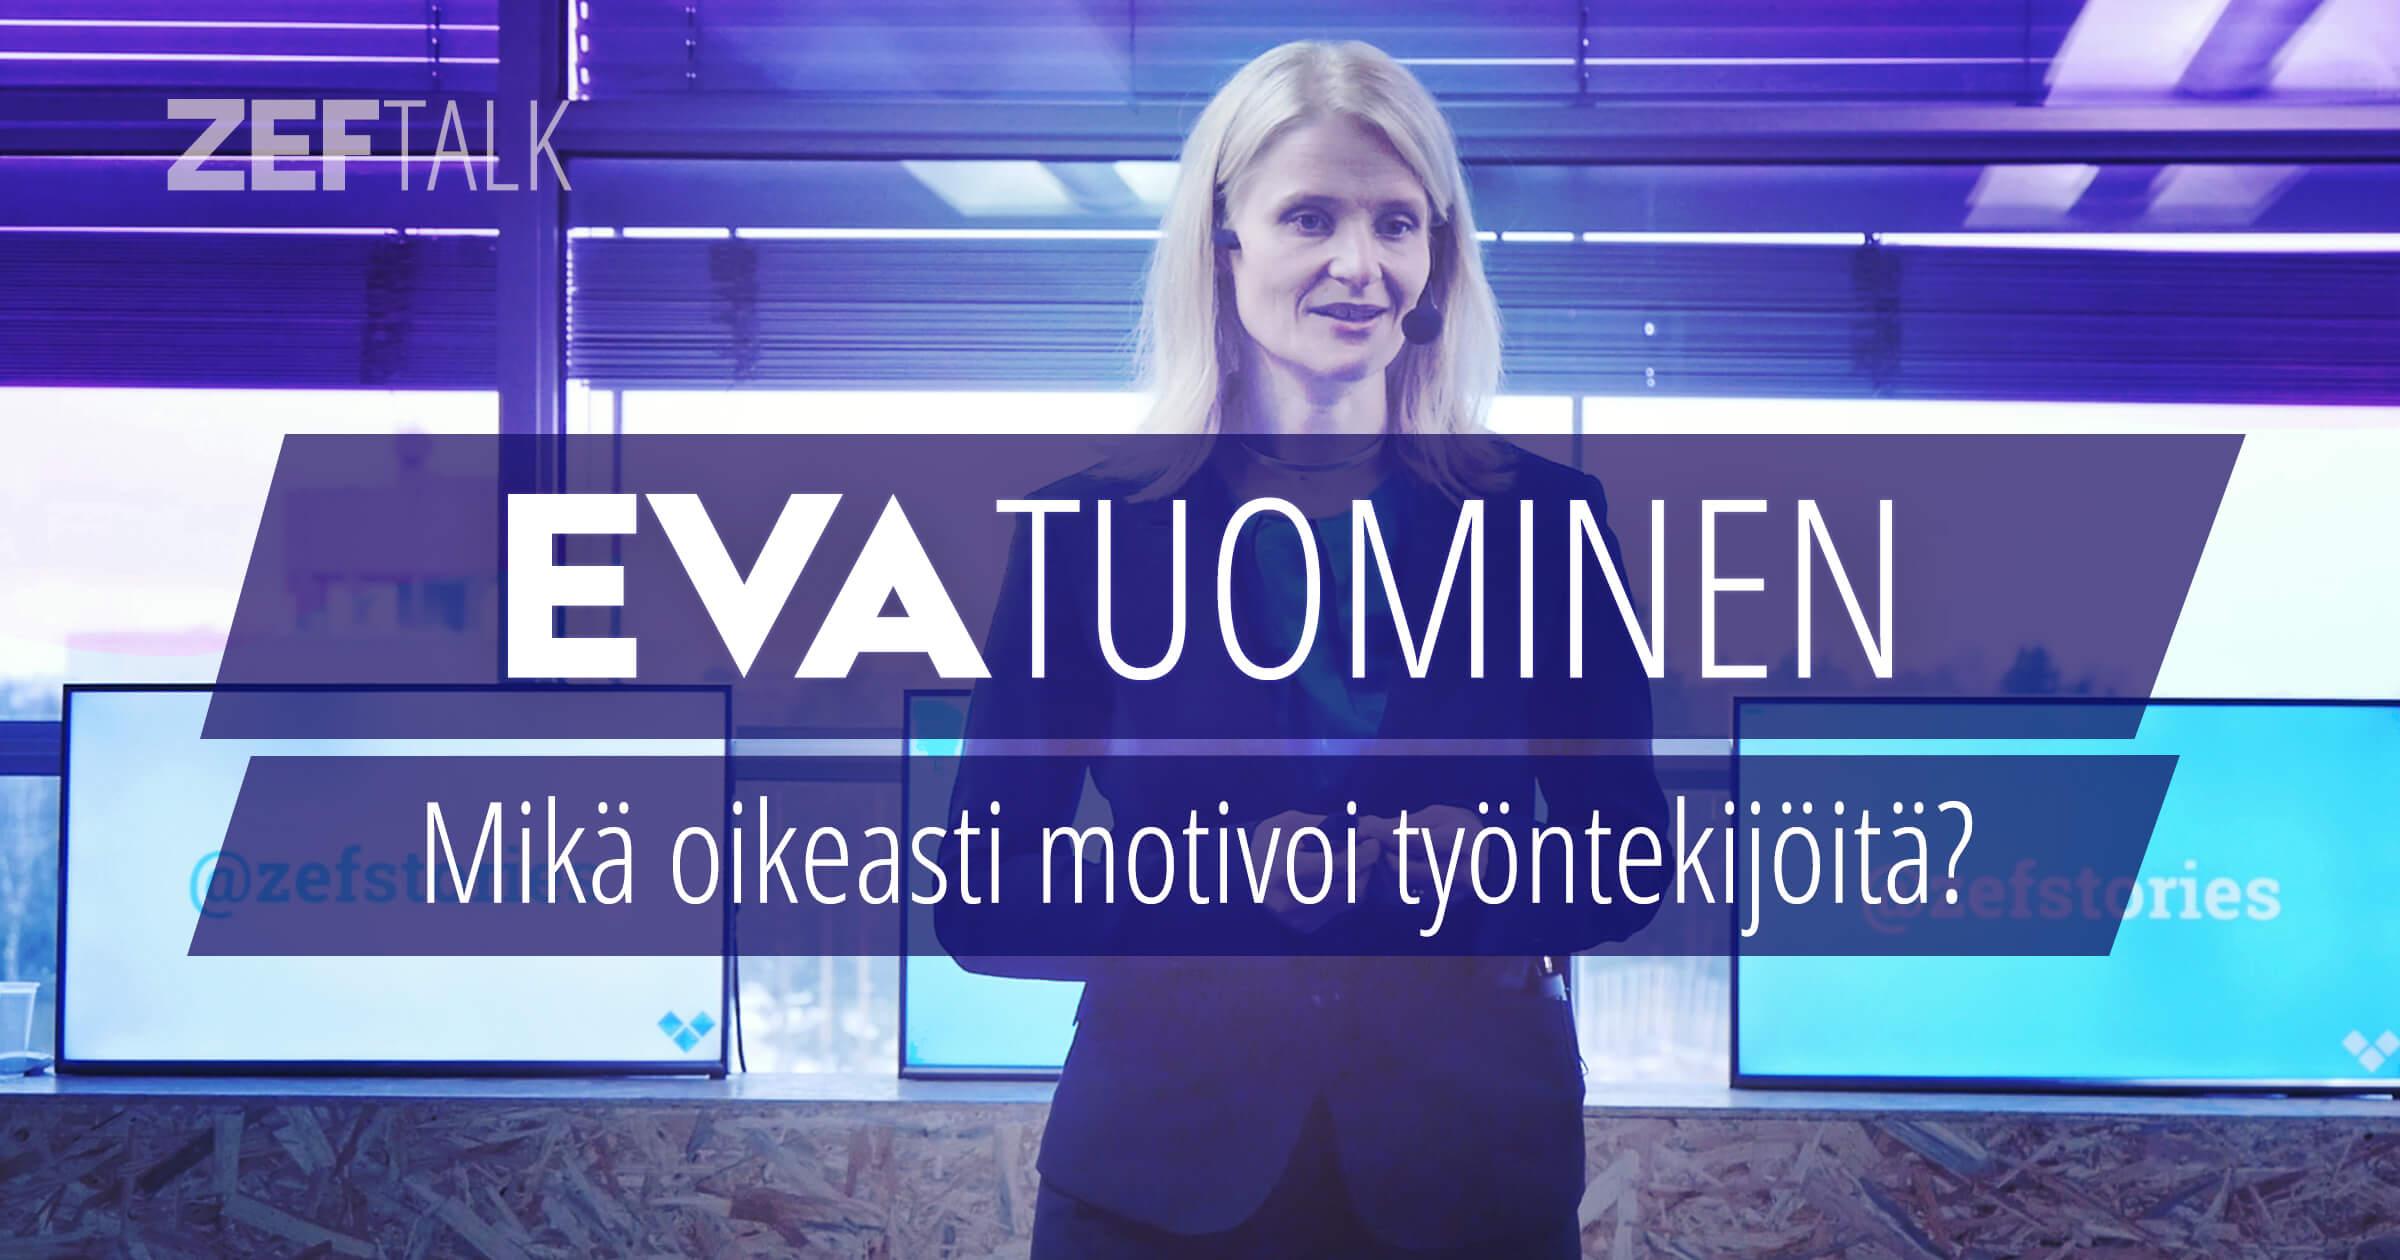 Eva Tuominen - Mikä oikeasti motivoi työntekijöitä